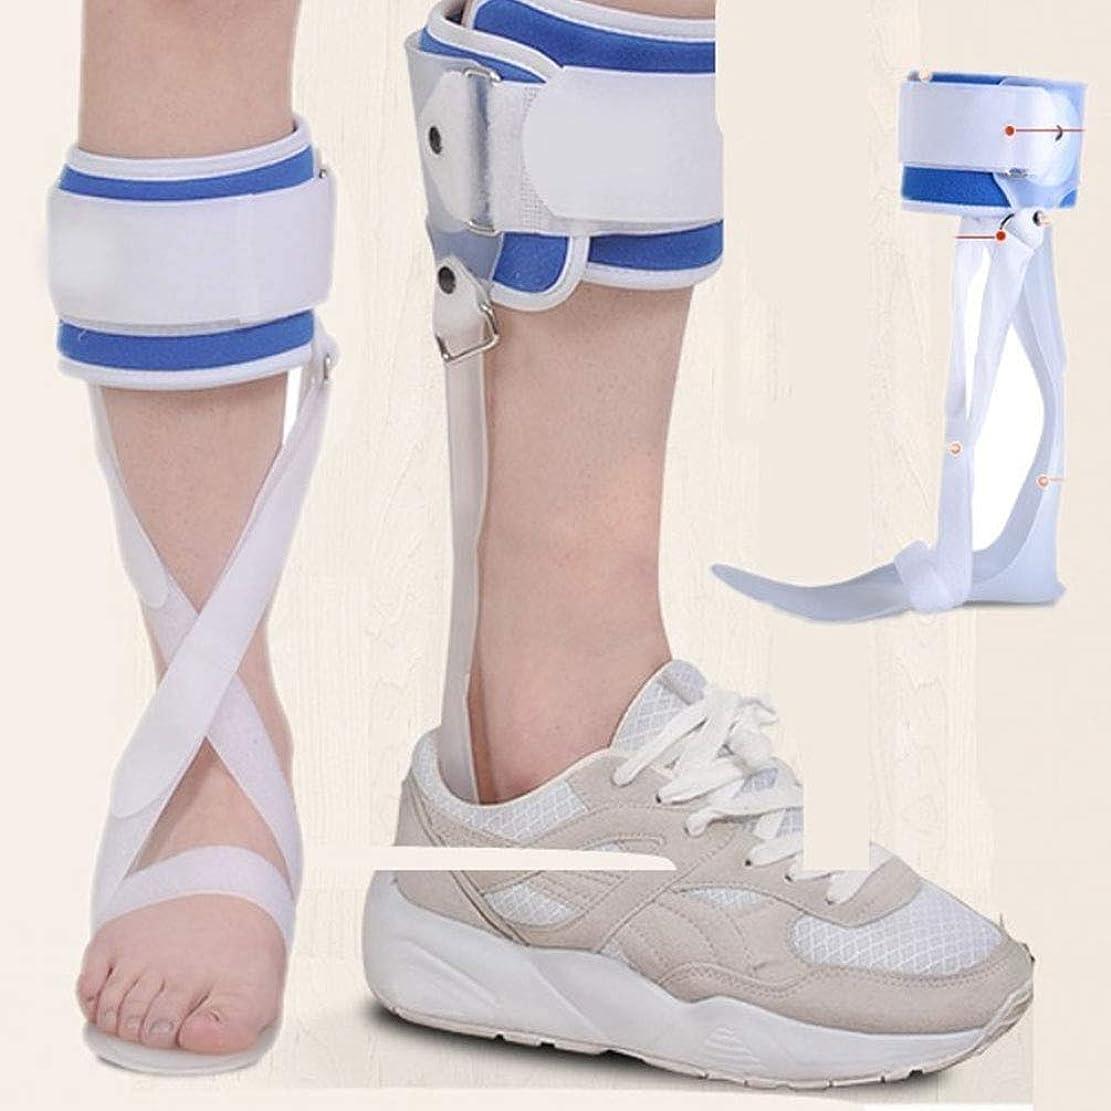 パイ戦士ビルダー足首サポート、足部ドロップ装具足首筋膜炎の足首取り外し可能バンド左/右足、右、L